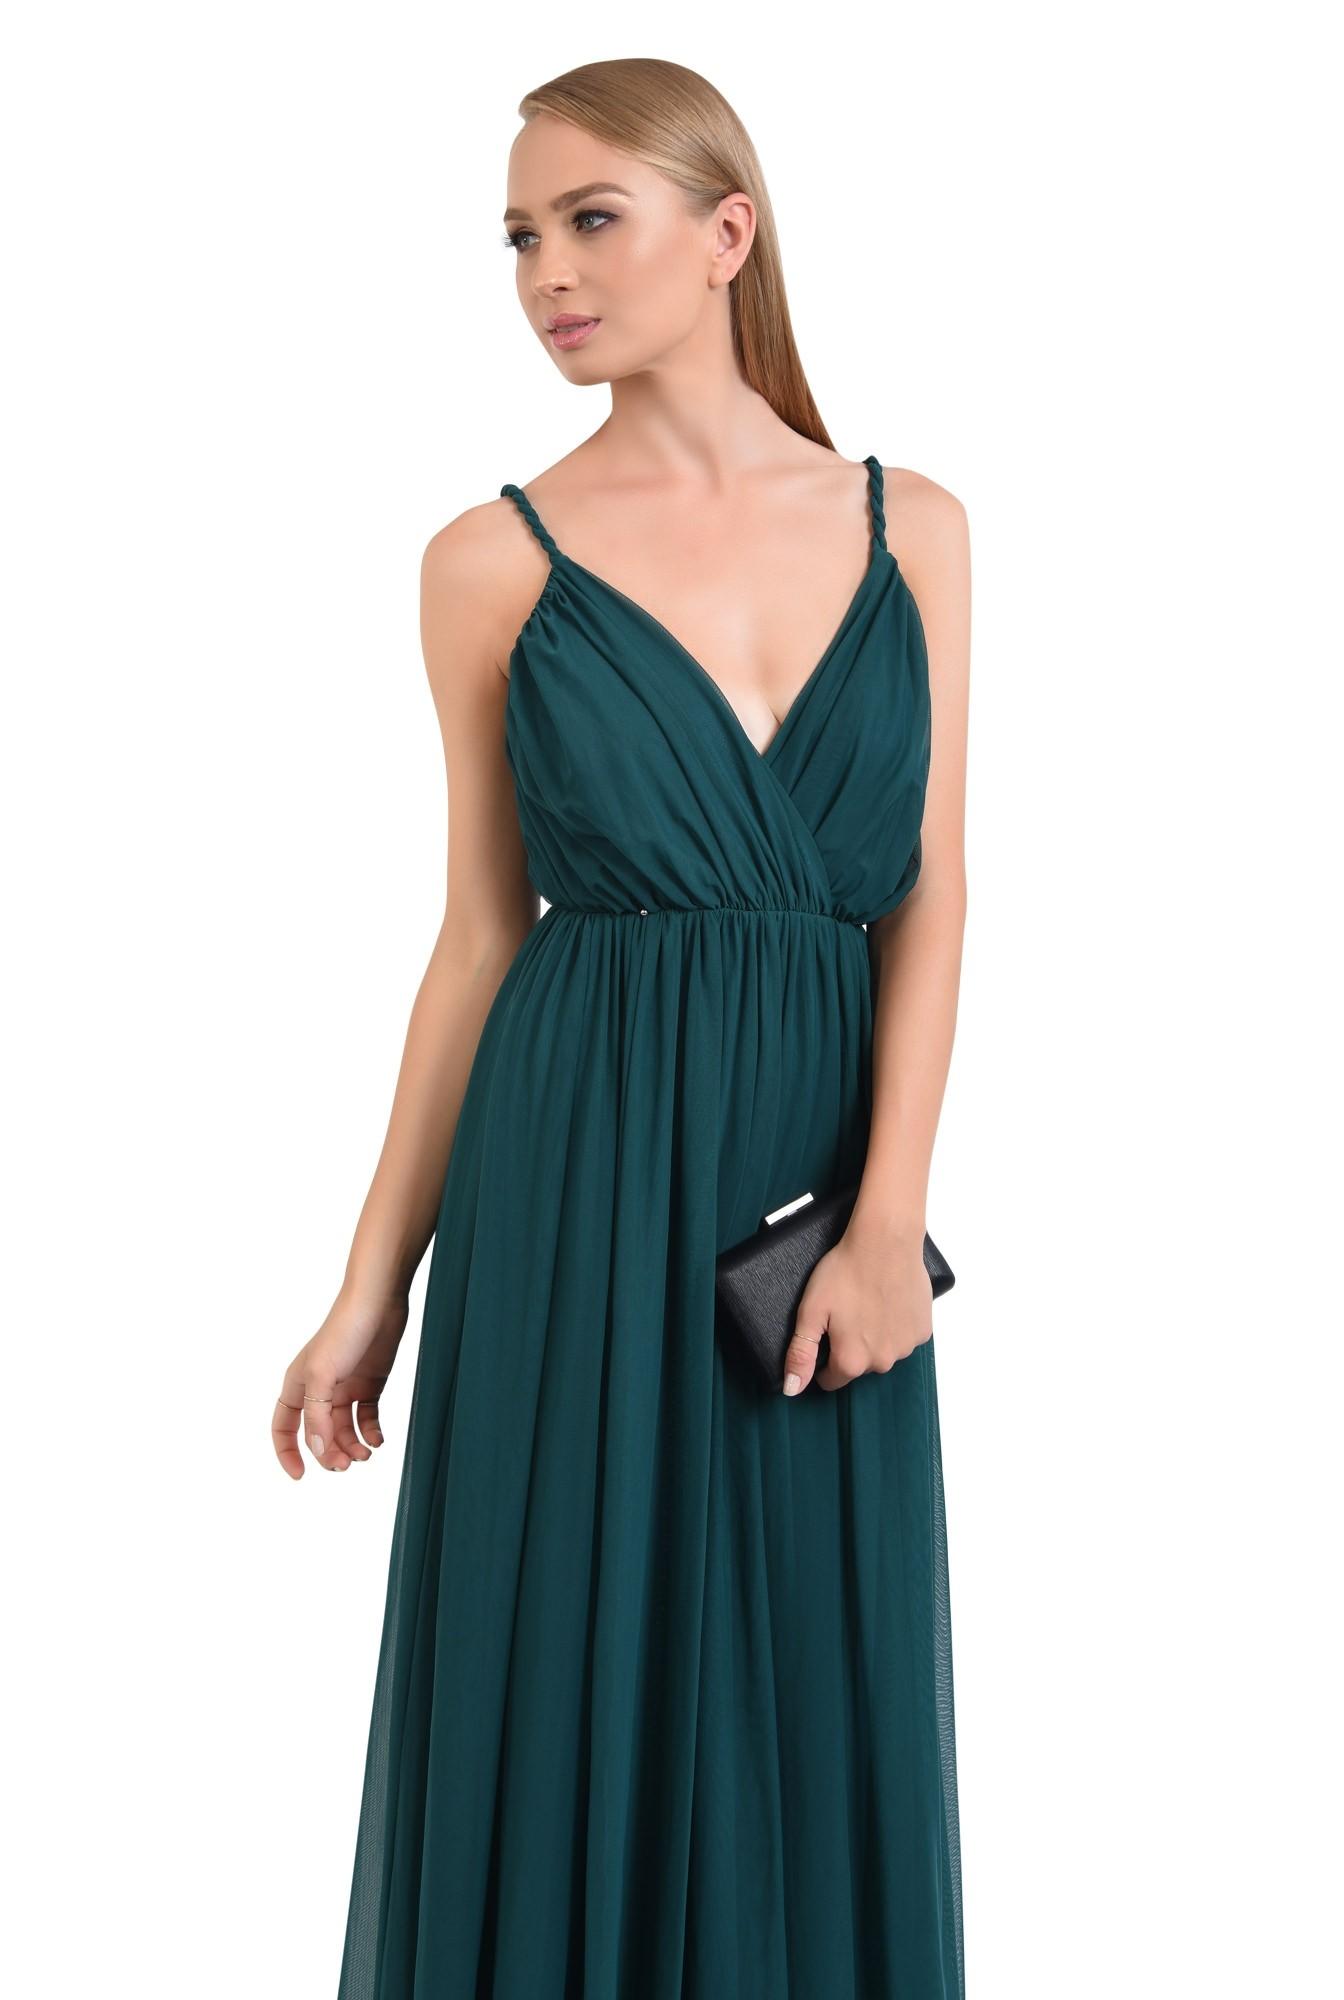 0 - rochie de seara, lunga, din tul, bretele rasucite, verde inchis